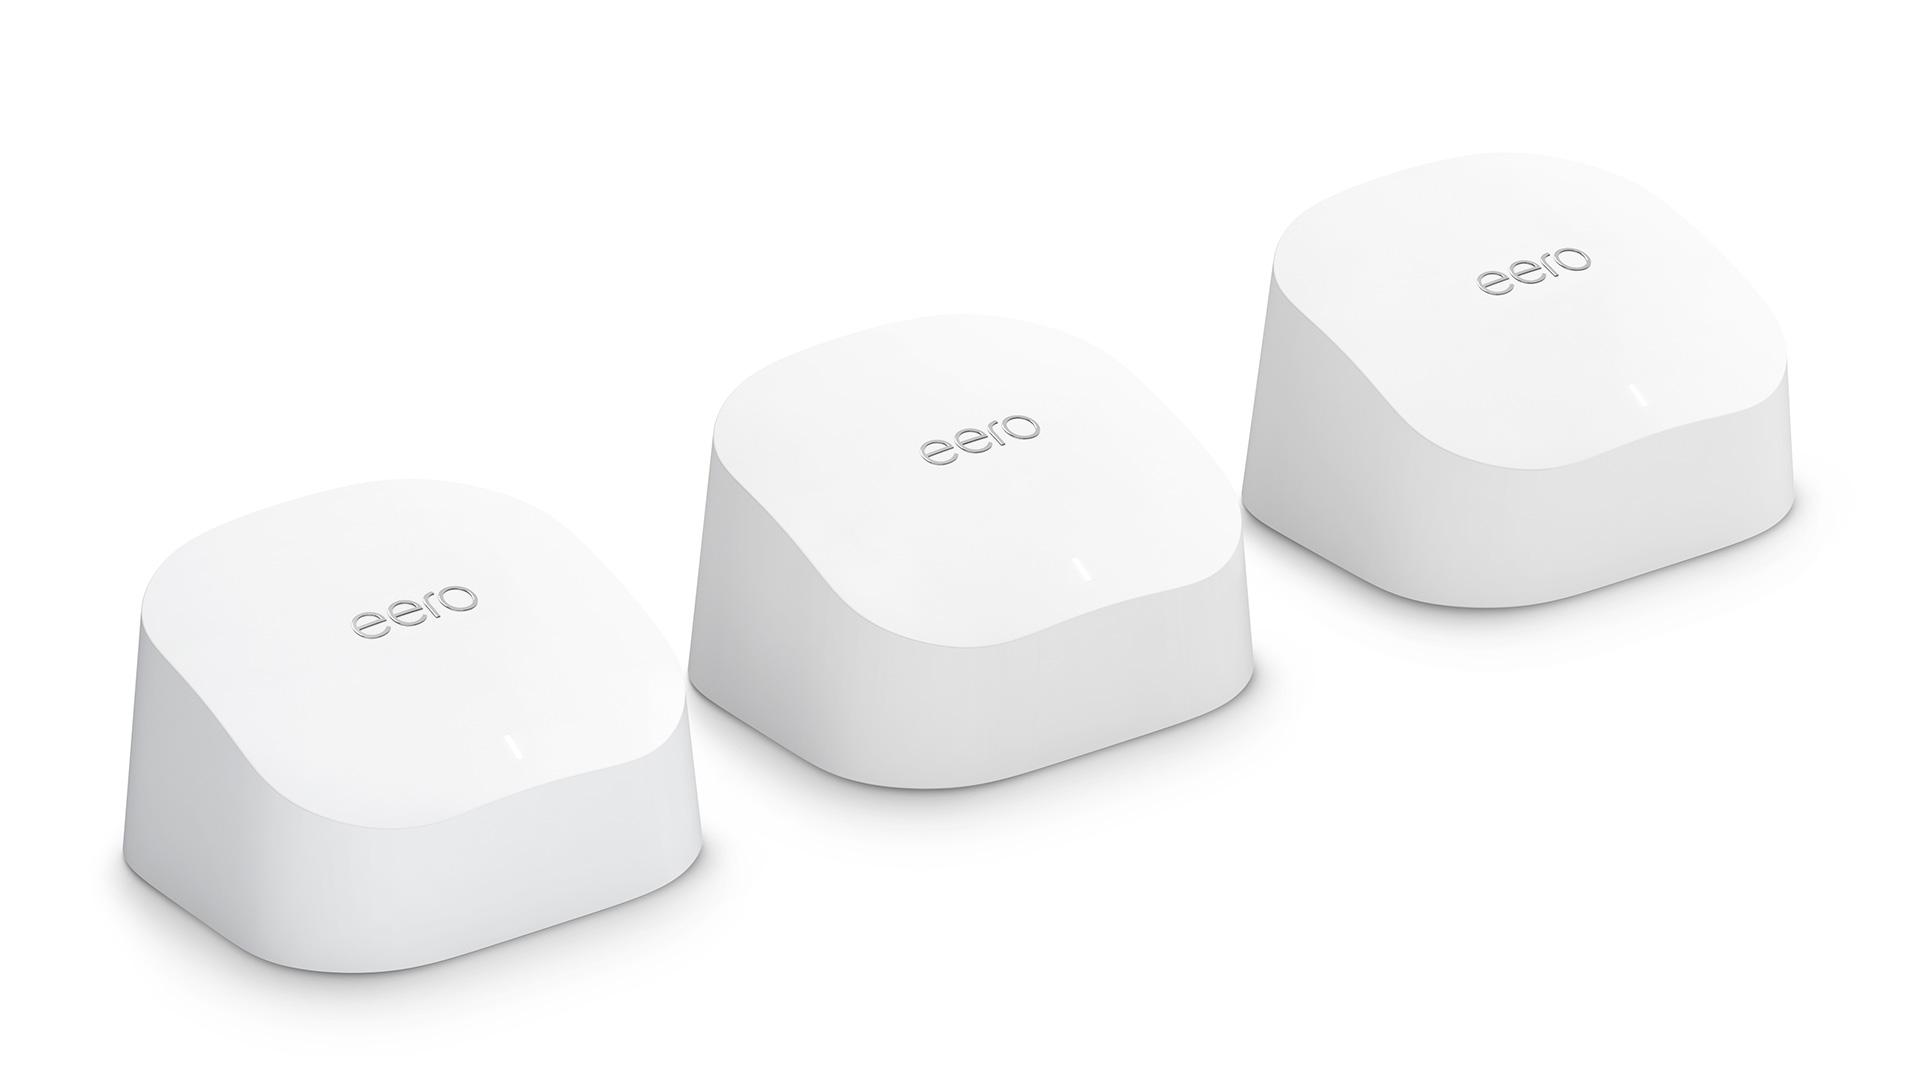 Amazon Eero 6 WiFi mesh router 3 pack